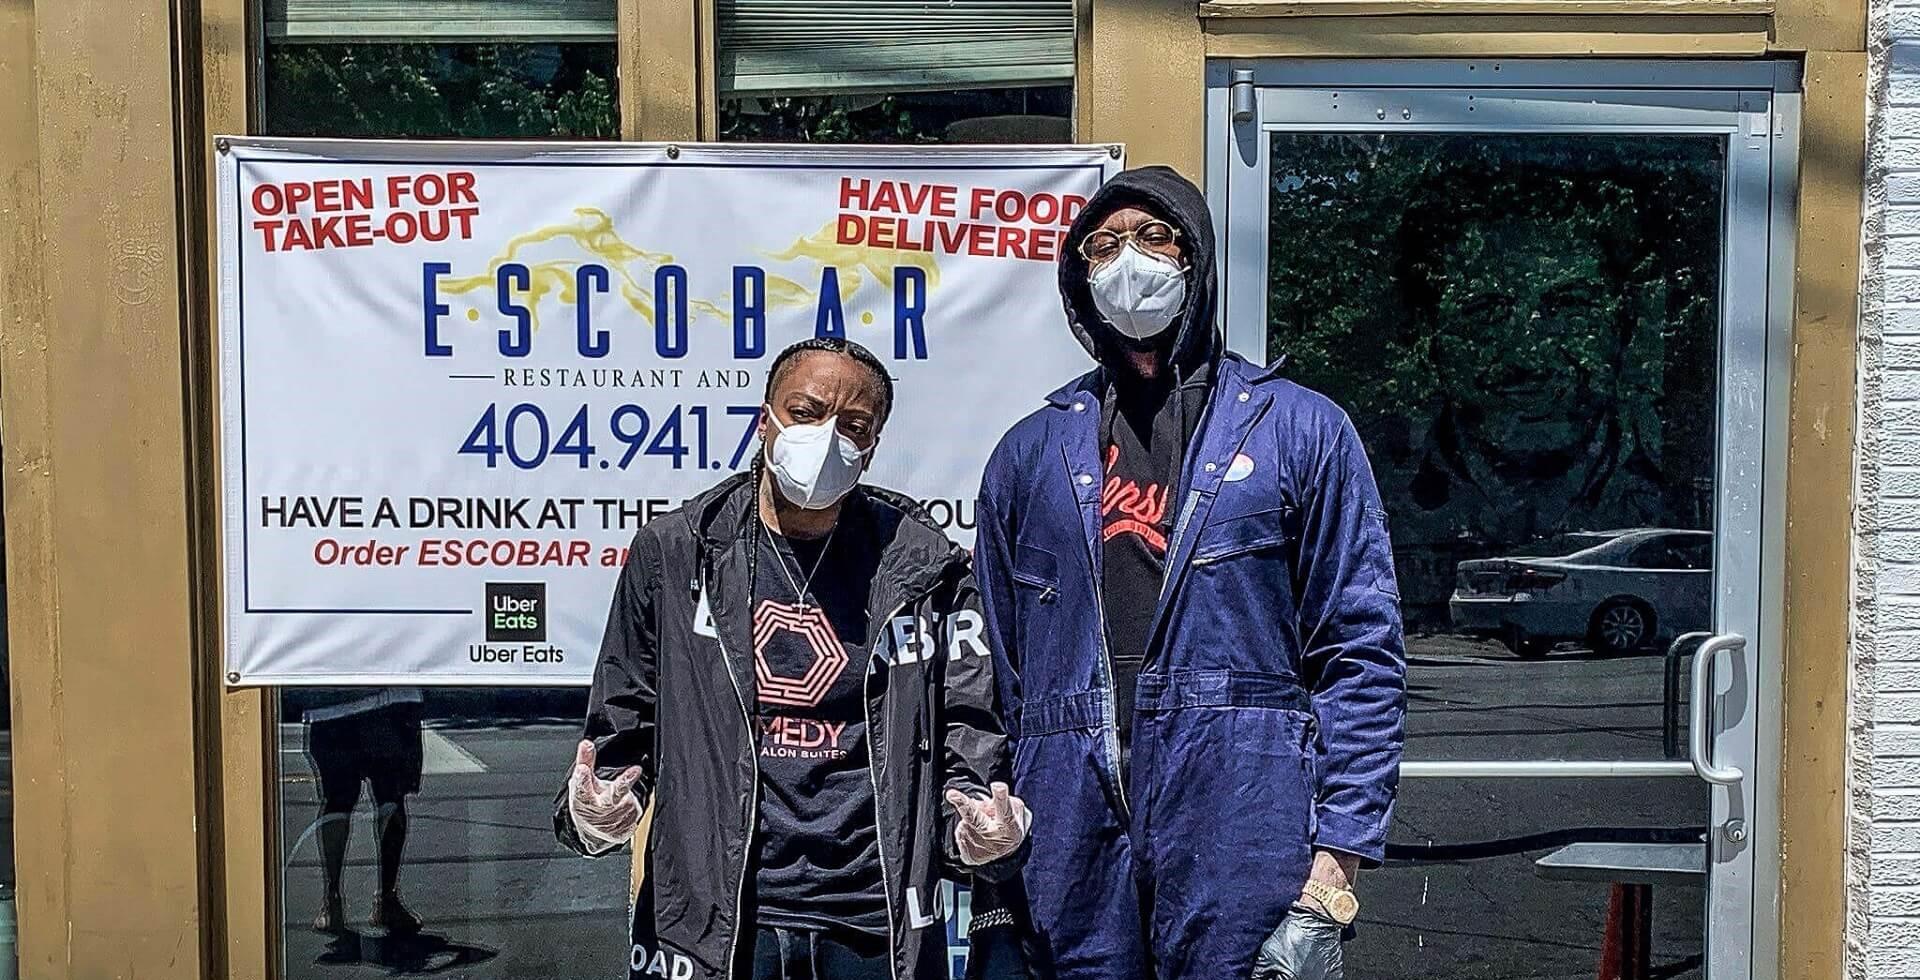 Welches Projekt verfolgen Mychel Snoop Dillard und 2Chainz?